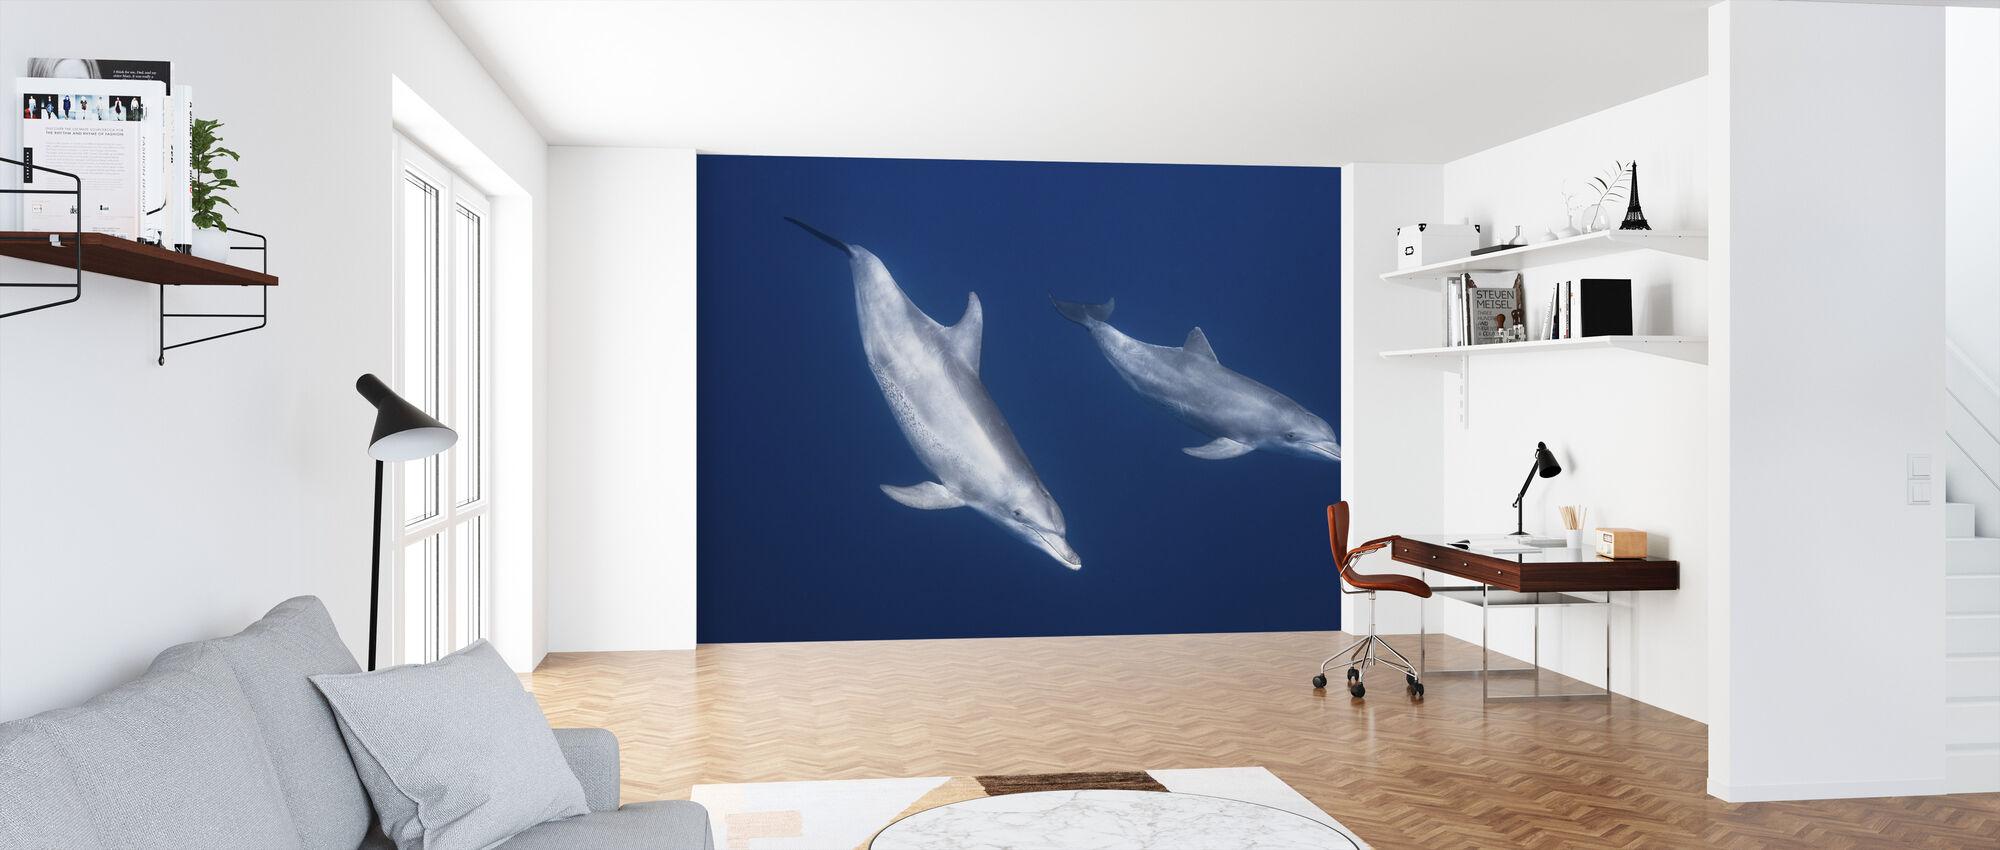 Bottlenose Dolphins - Wallpaper - Office